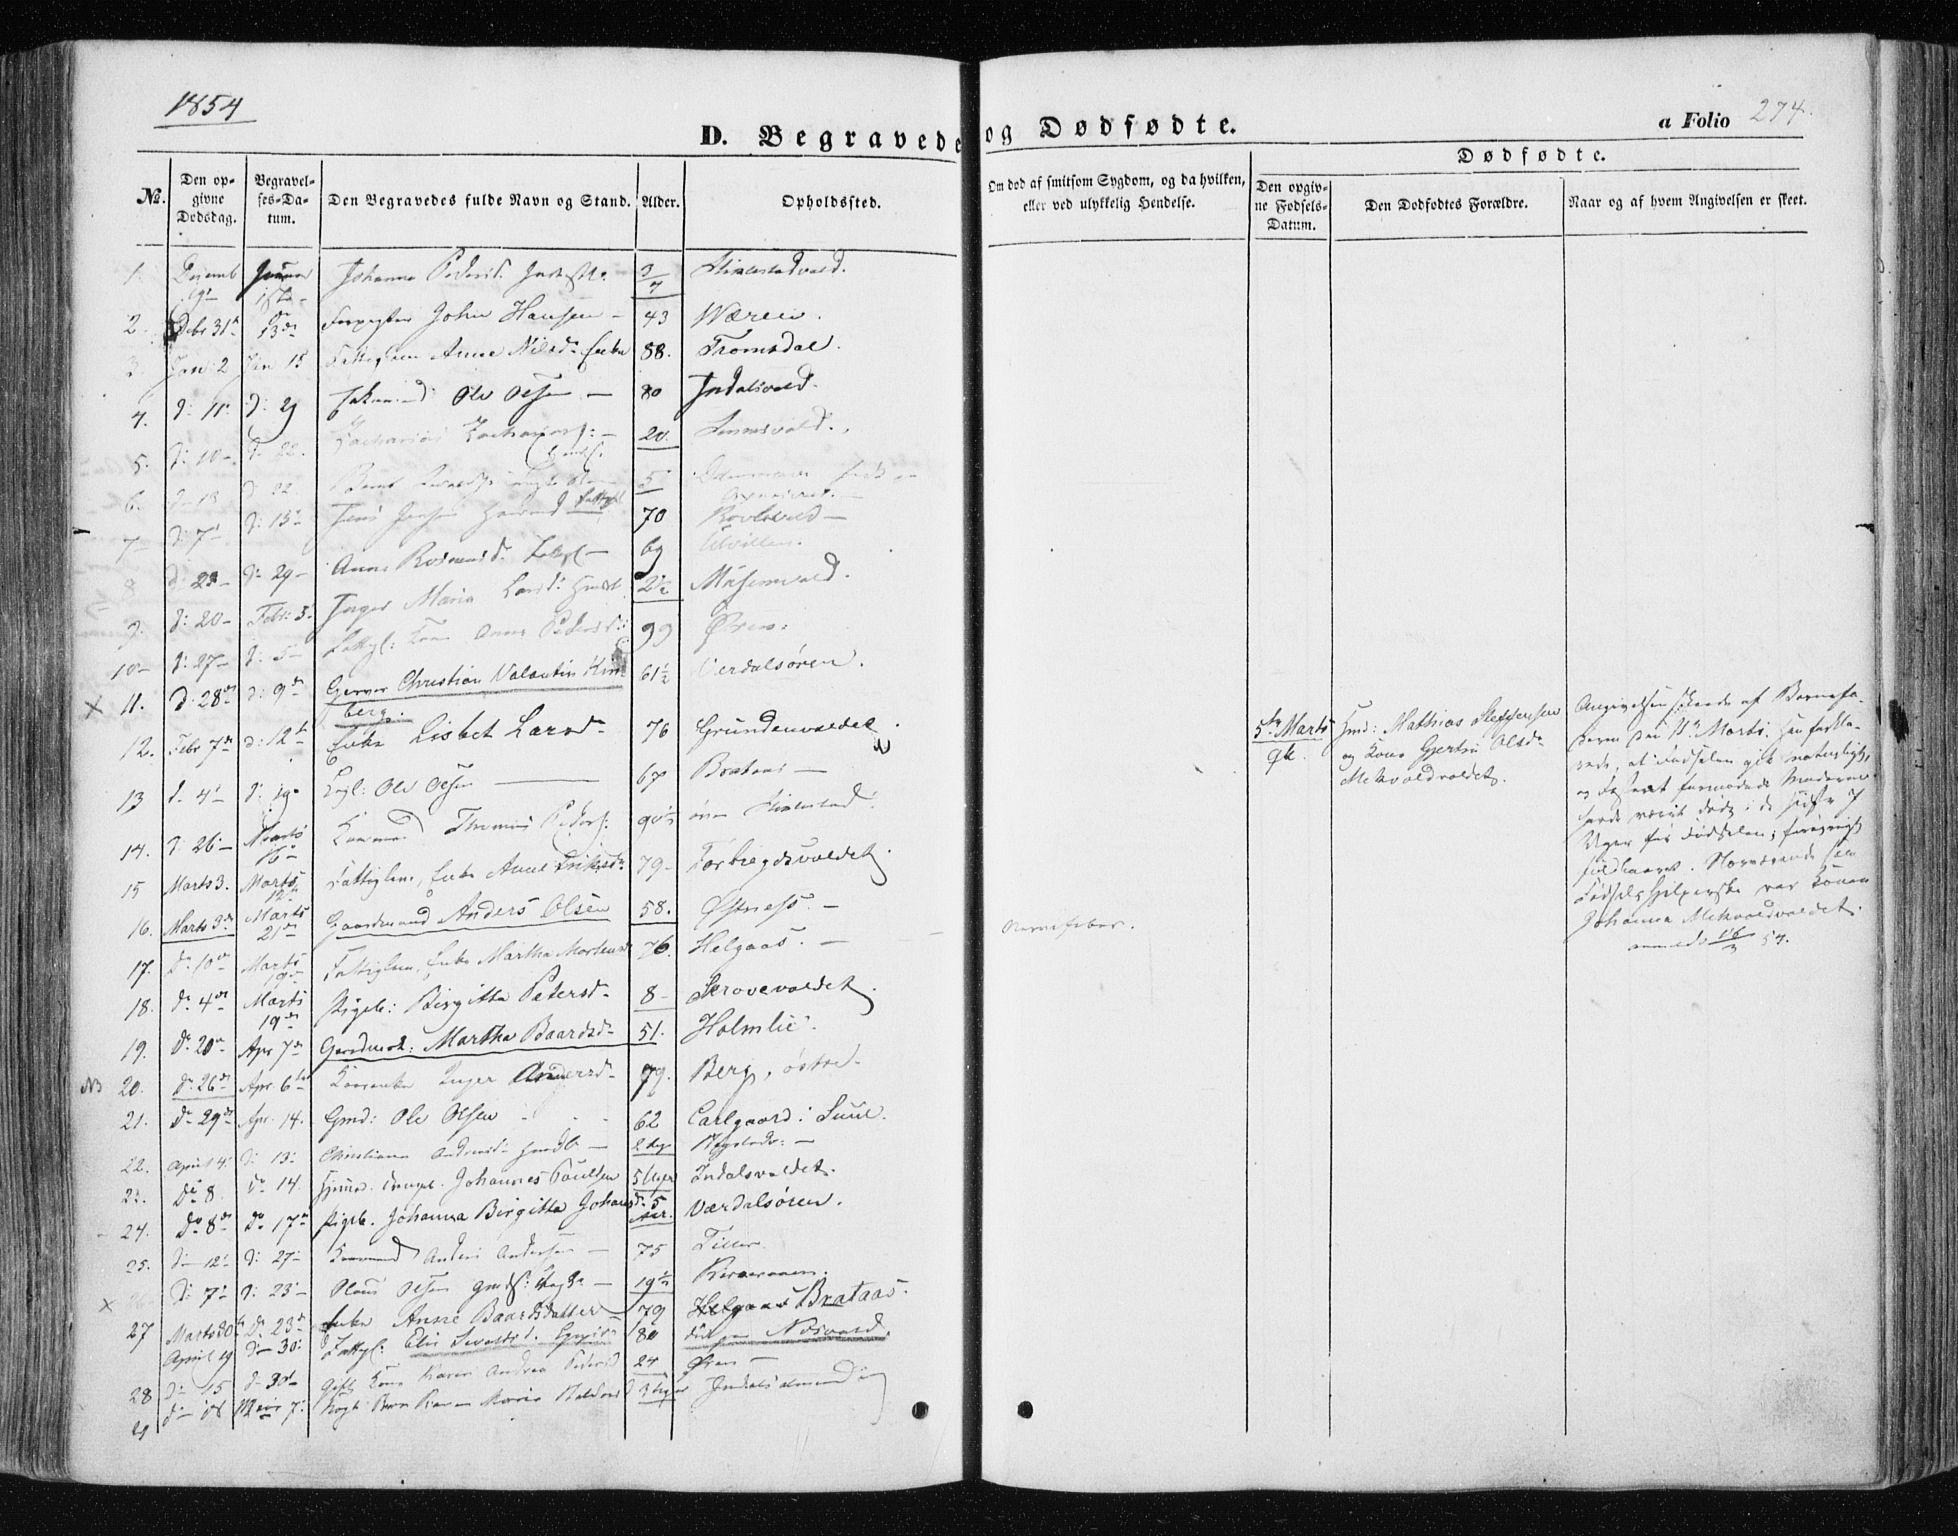 SAT, Ministerialprotokoller, klokkerbøker og fødselsregistre - Nord-Trøndelag, 723/L0240: Ministerialbok nr. 723A09, 1852-1860, s. 274